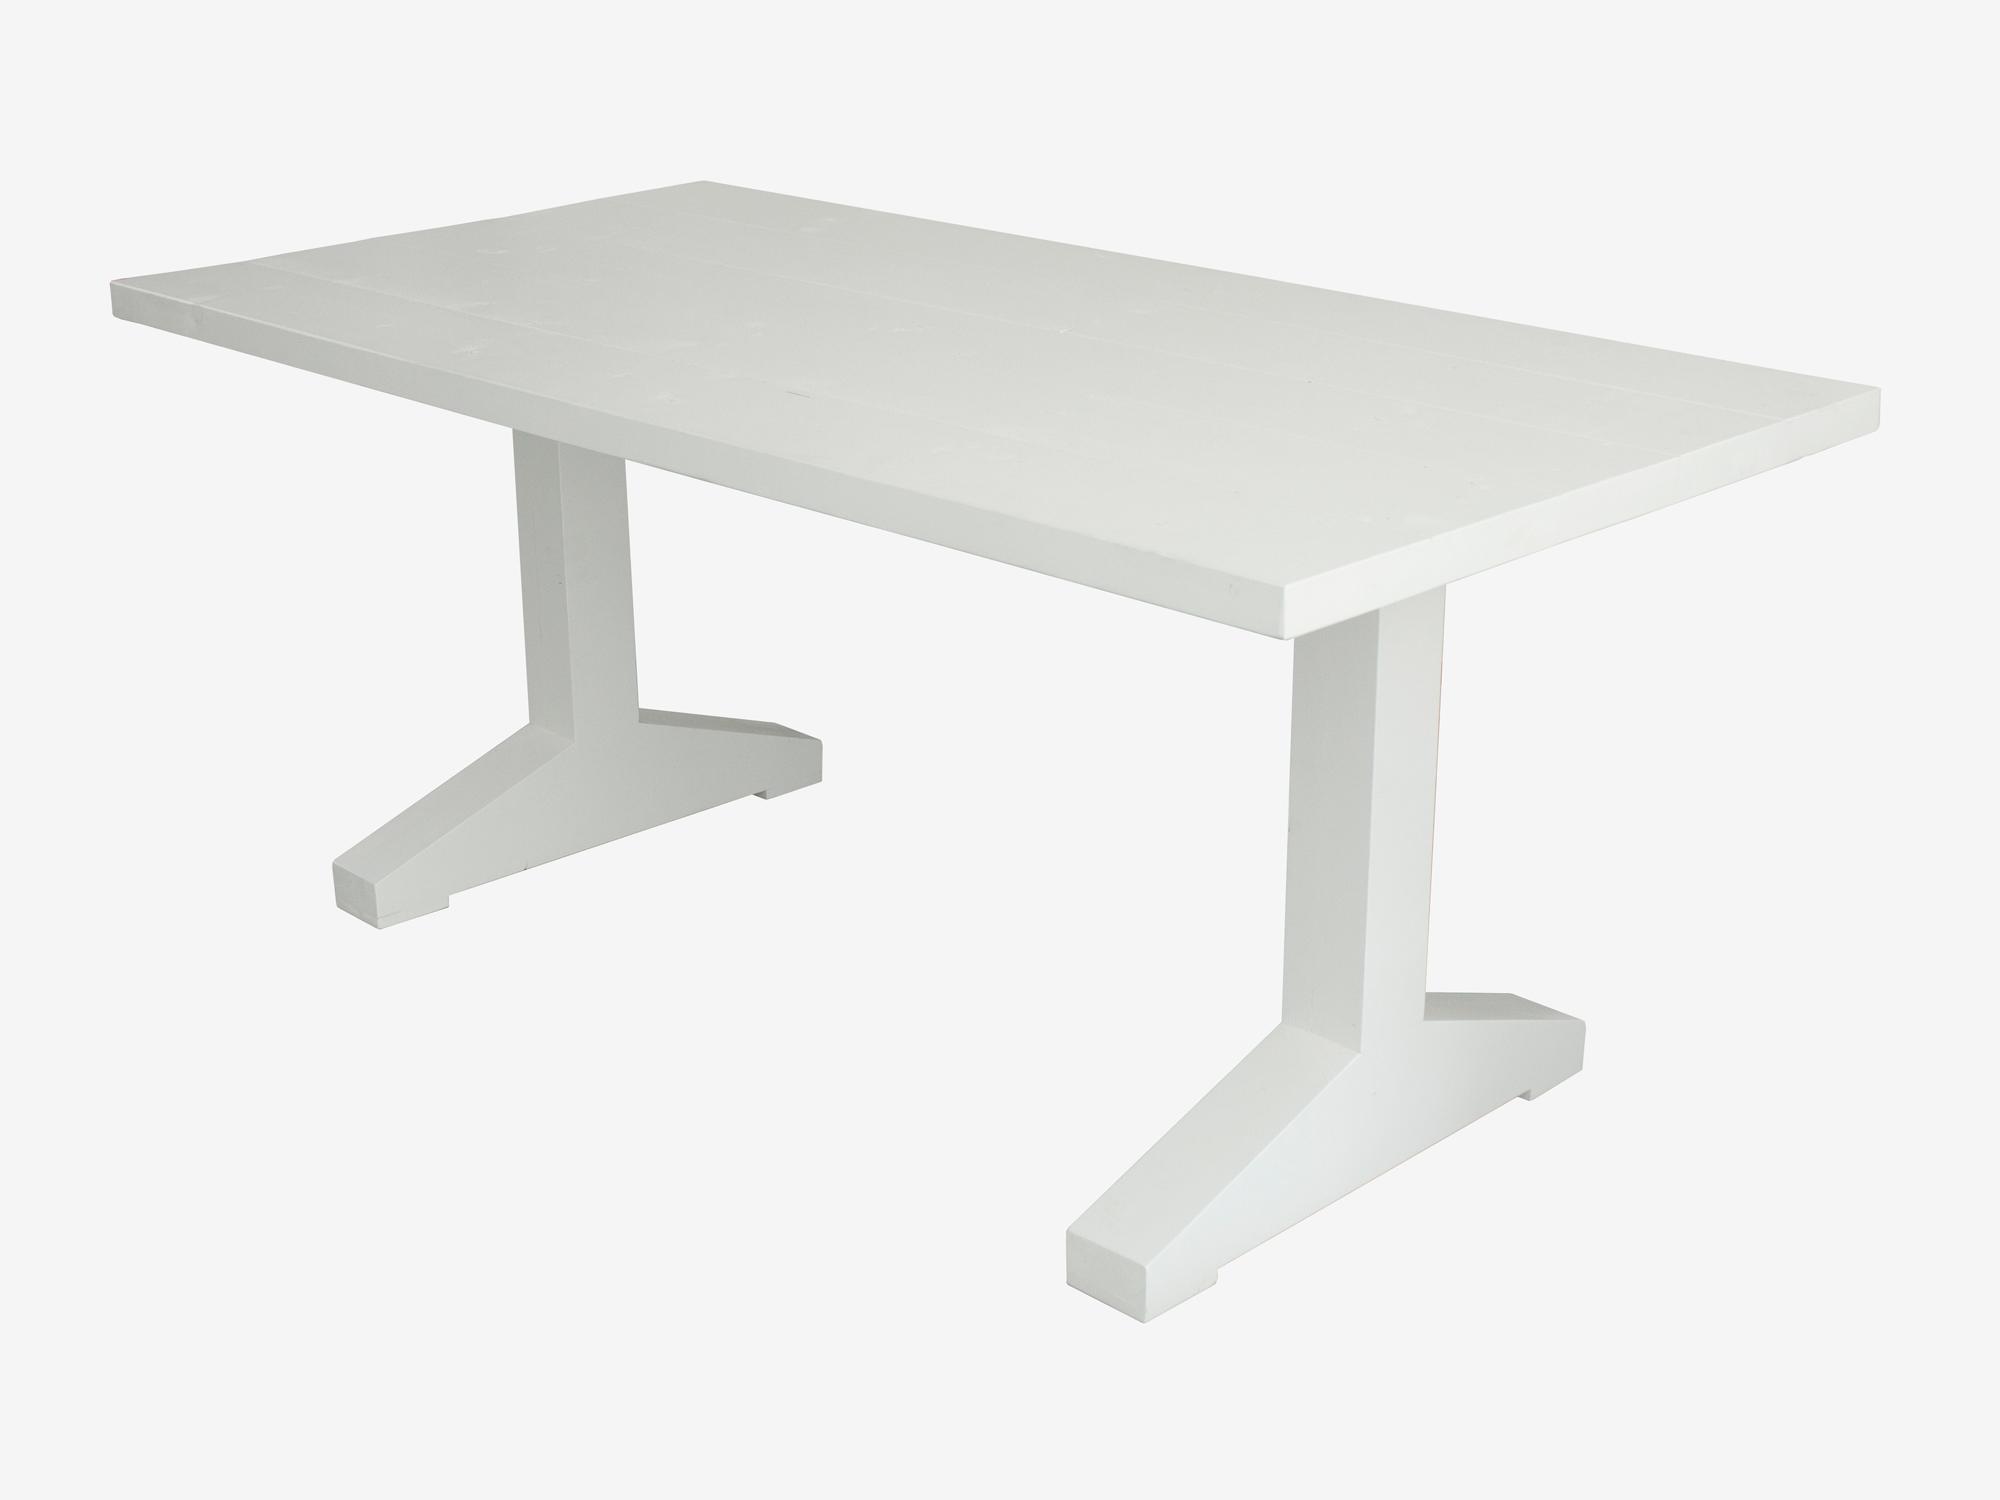 Witte eettafel stoelen trendy eettafel stoel outlet witte for Witte leren stoelen